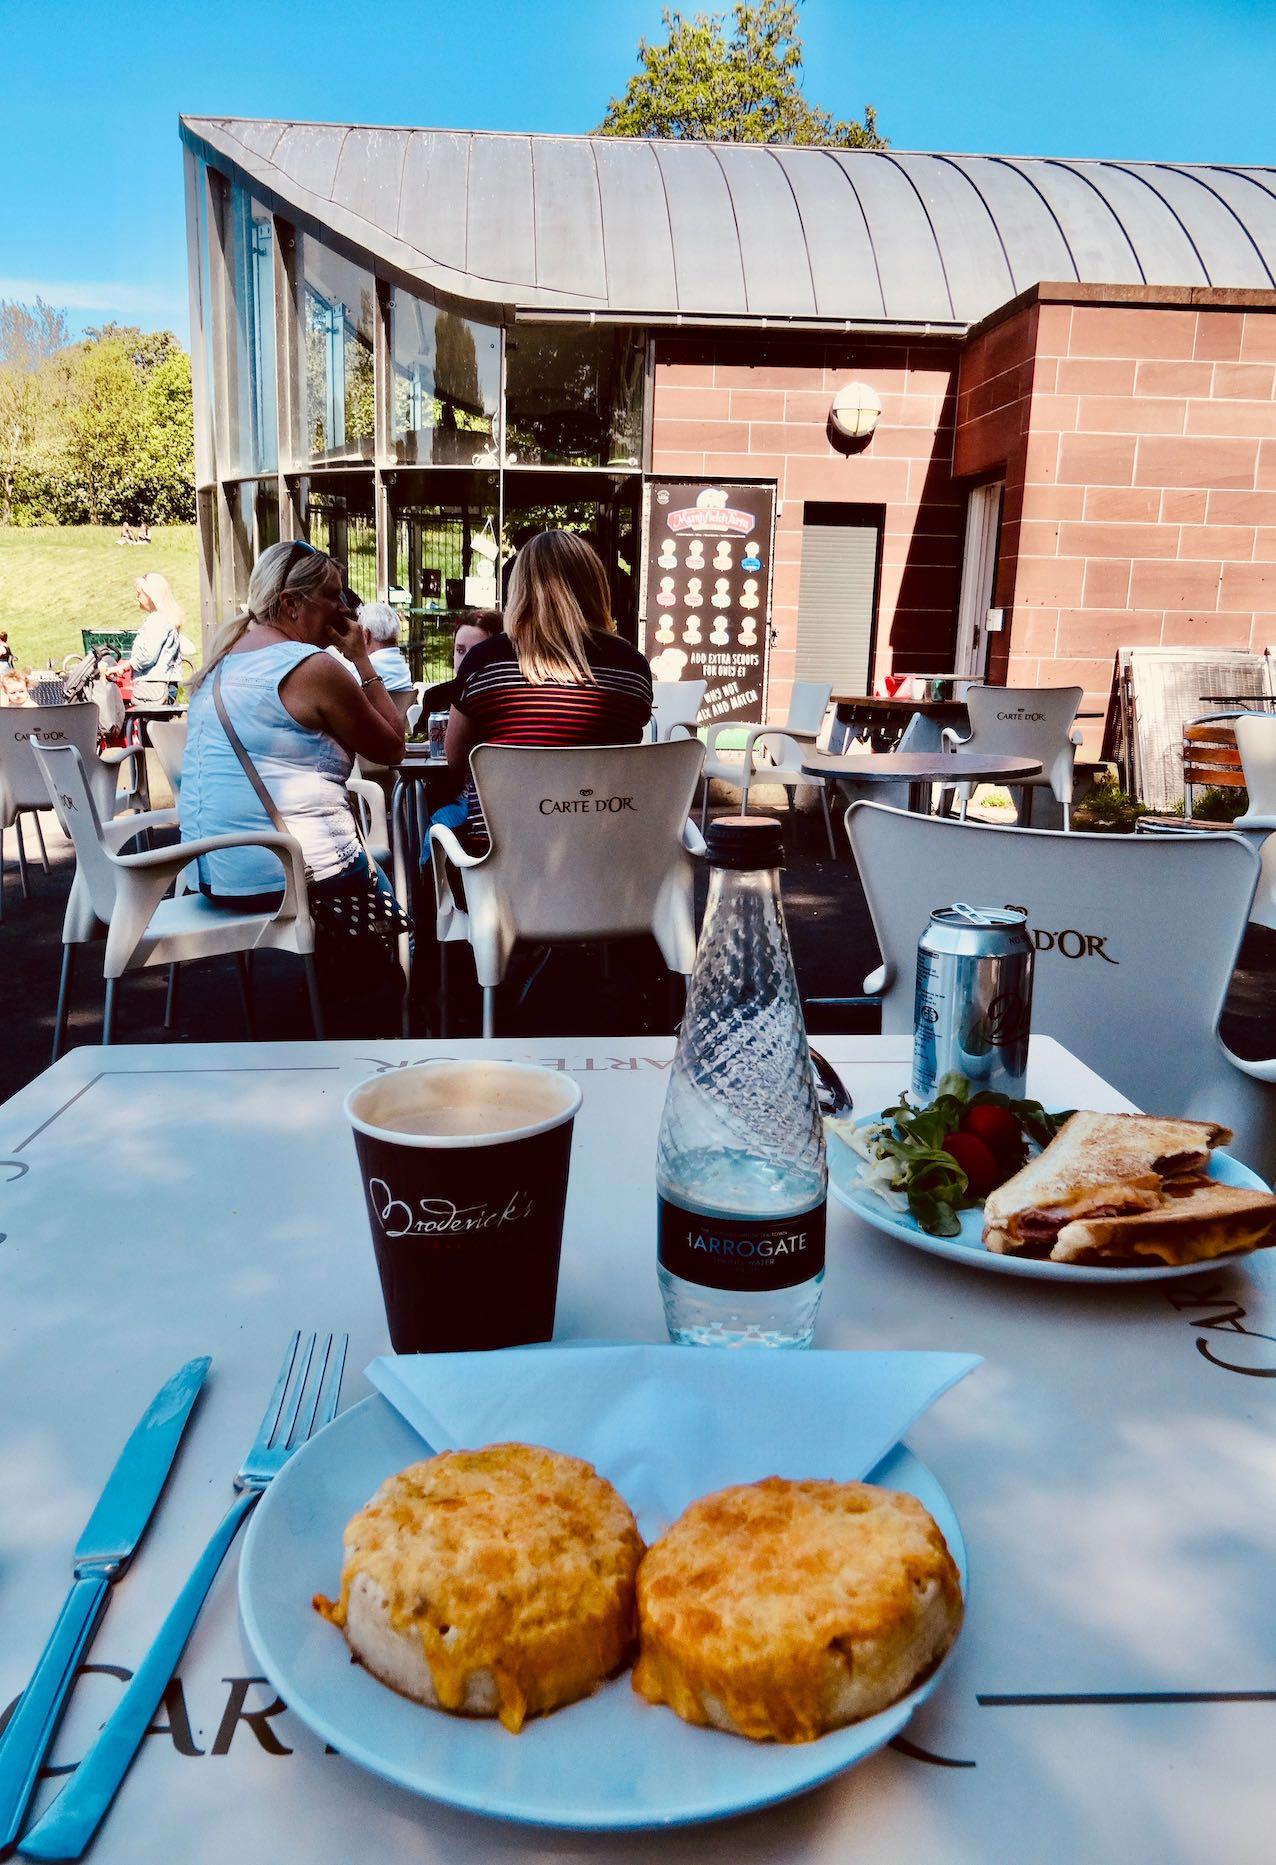 Sefton Park Cafe Liverpool.